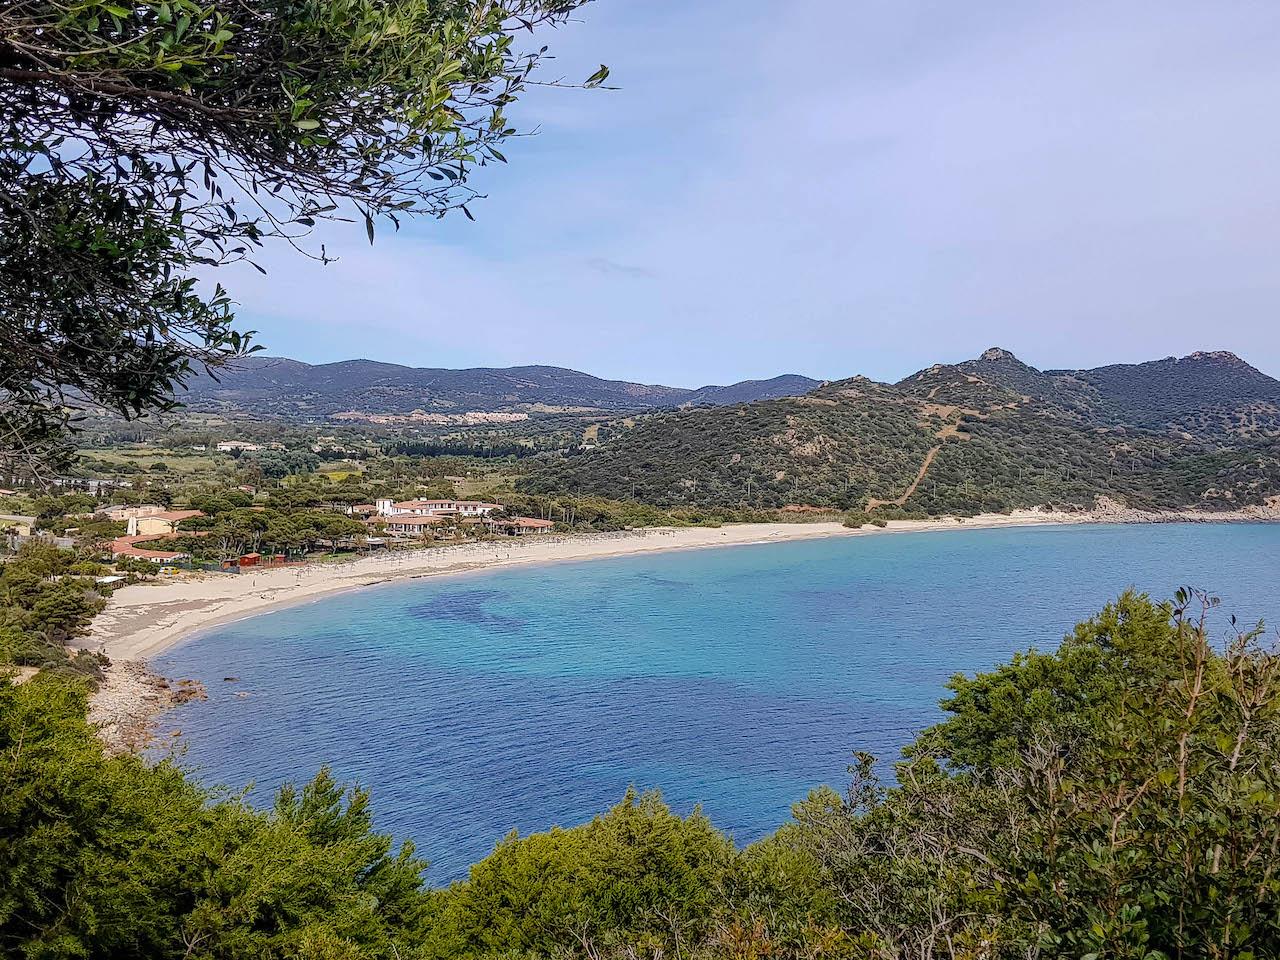 Der Strand von Villasimius.